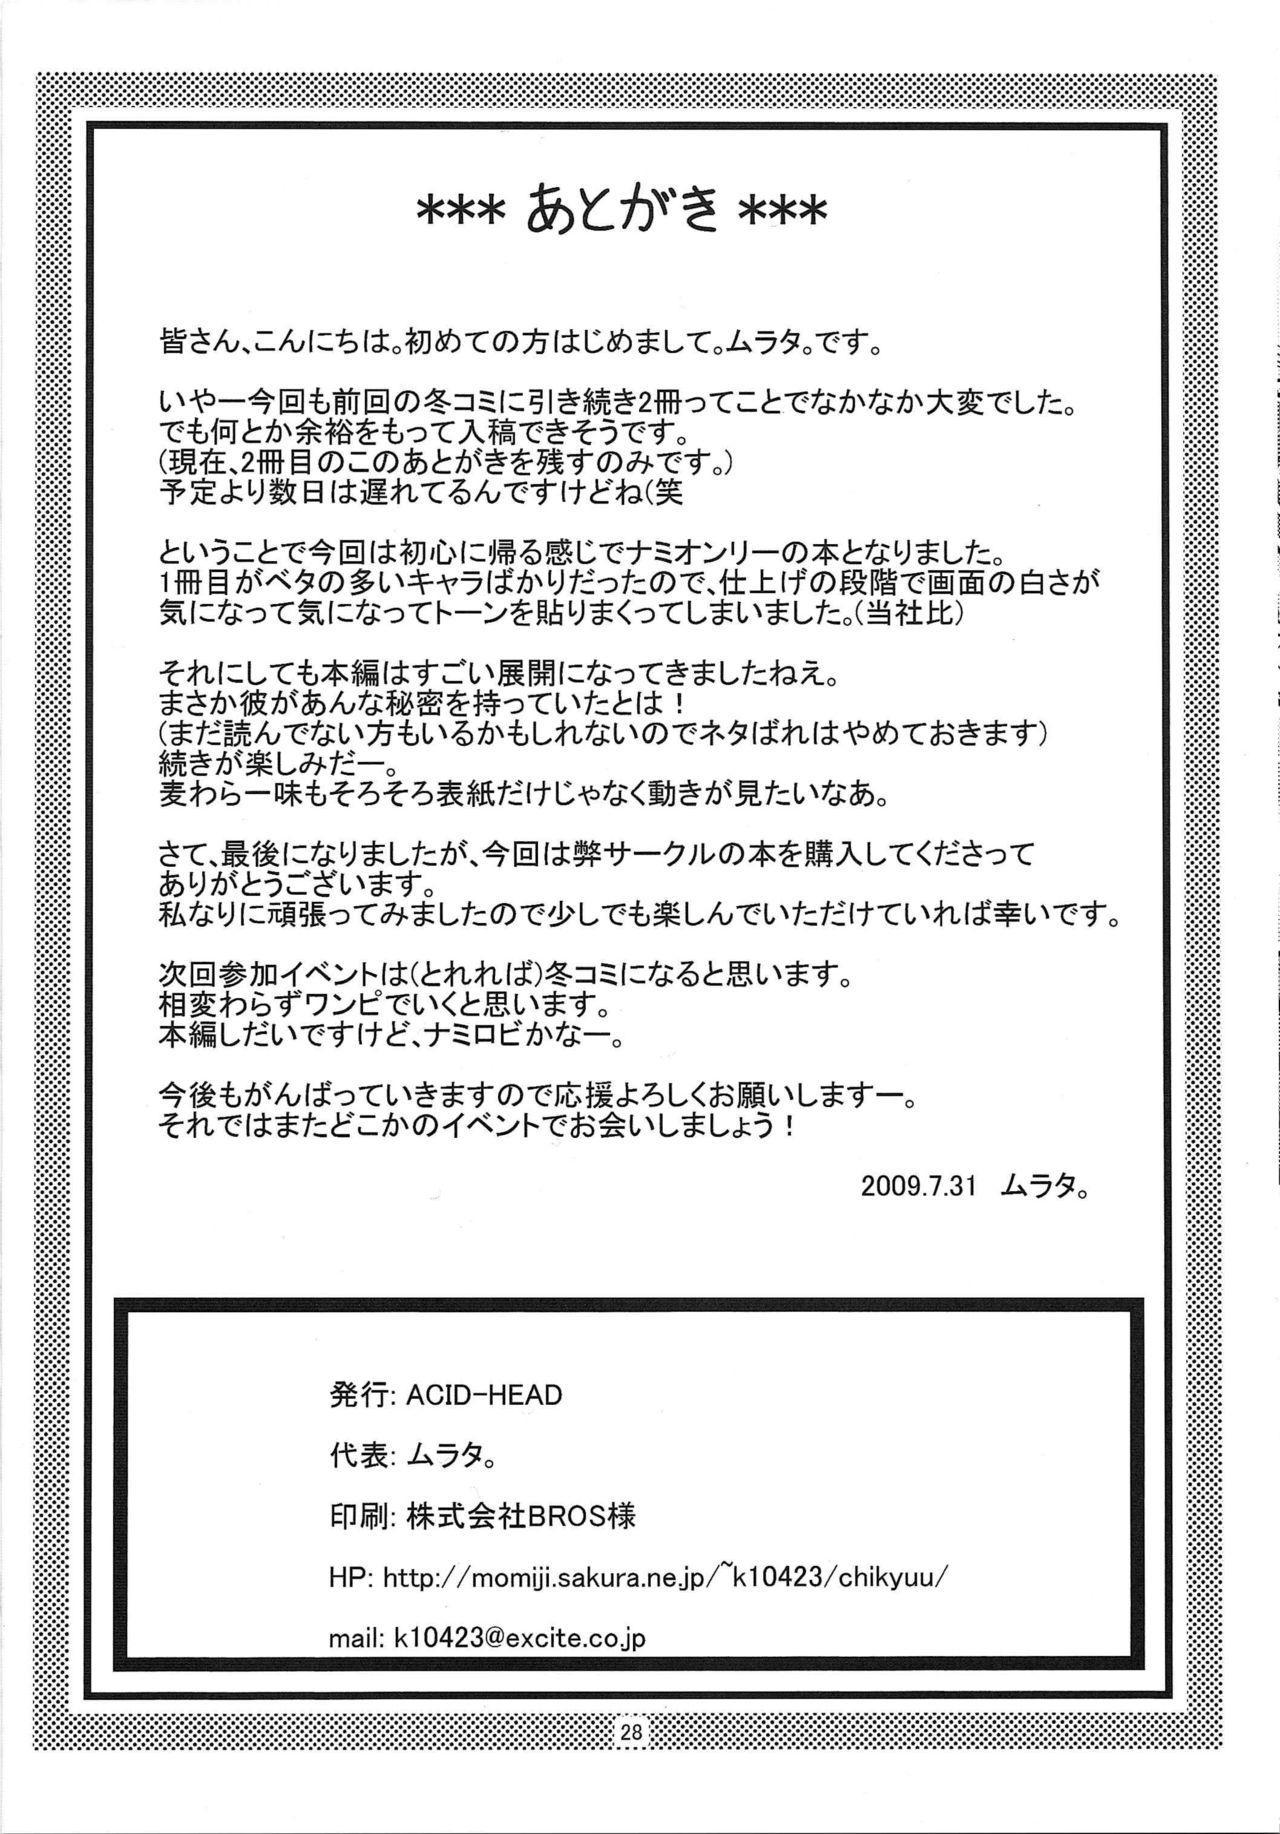 (C76) [ACID-HEAD (Murata.)] Nami no Ura Koukai Nisshi 4 (One Piece)   Nami's Hidden Sailing Diary 4 [English] {doujin-moe.us} 28